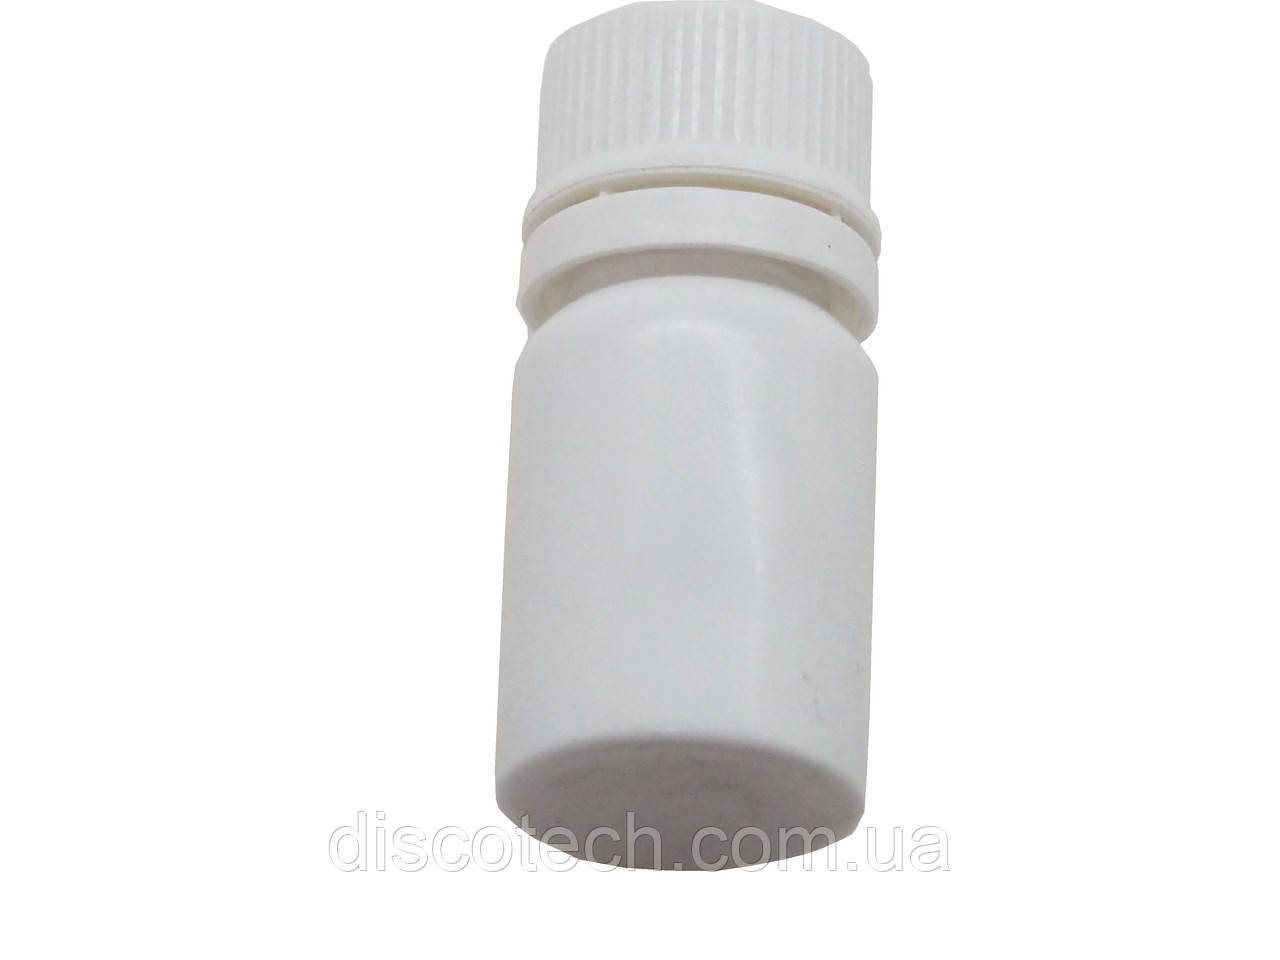 Жидкость ультрафиолетовая 20мл